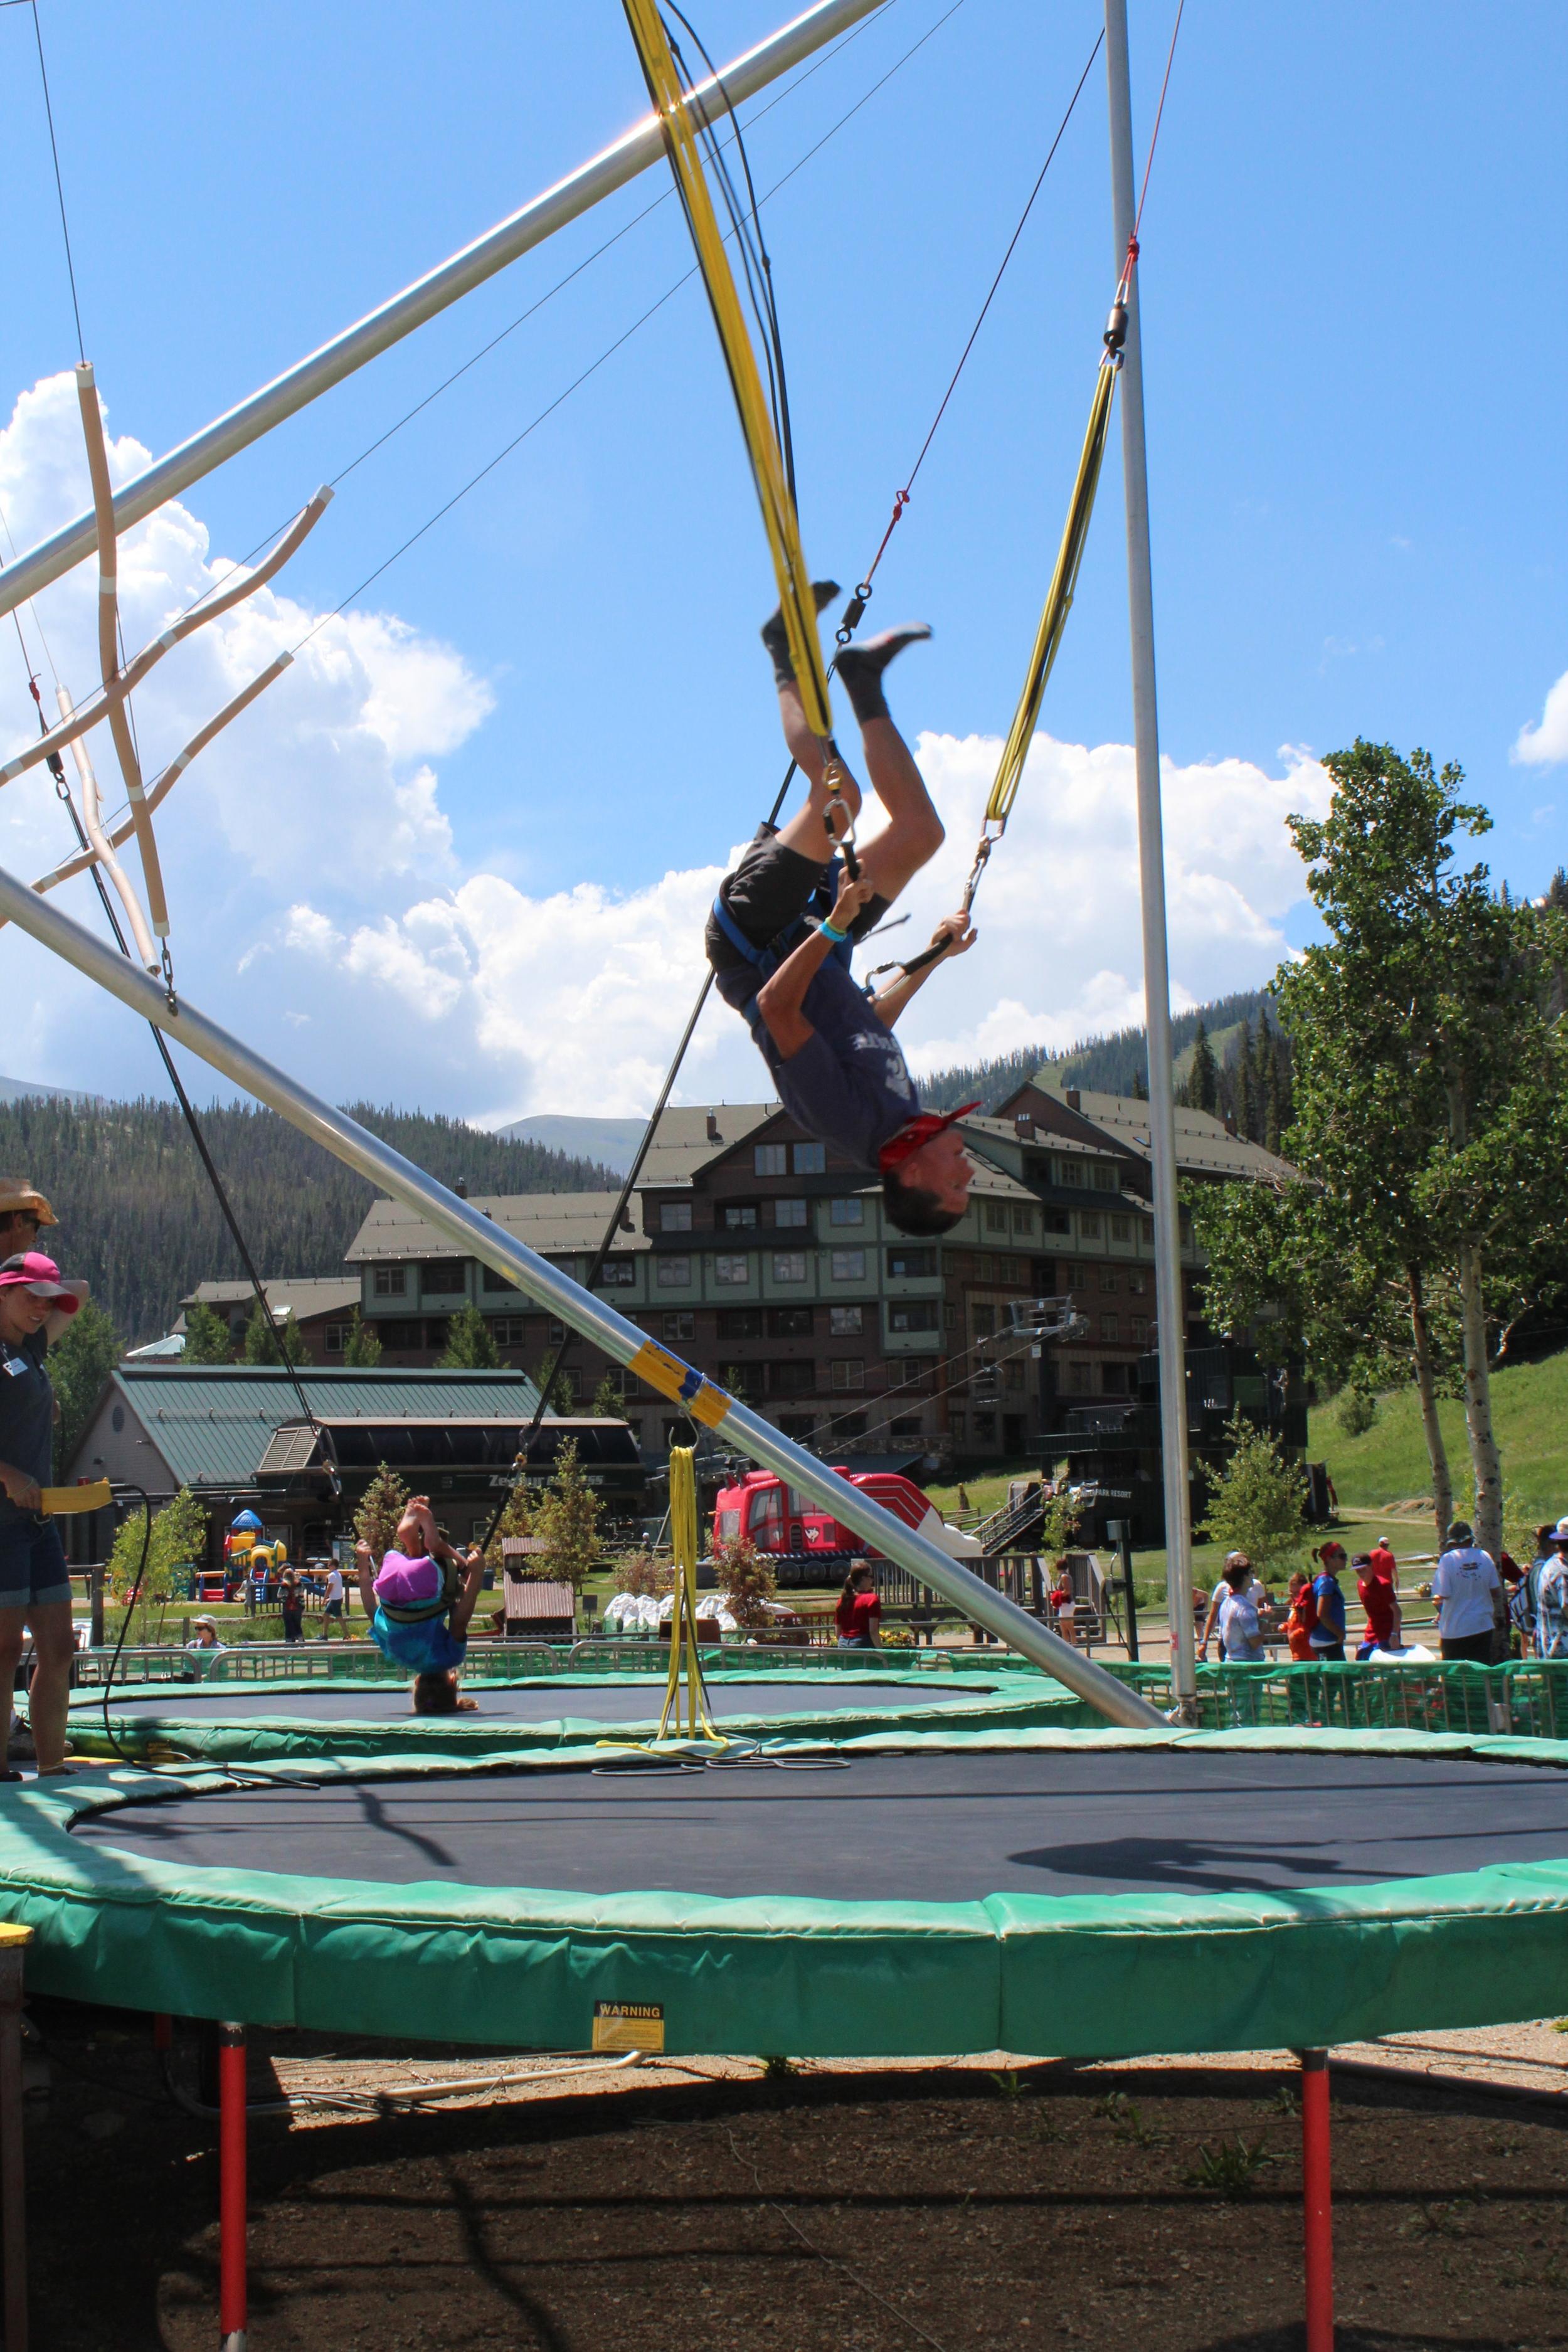 bungee-trampoline-winter-park